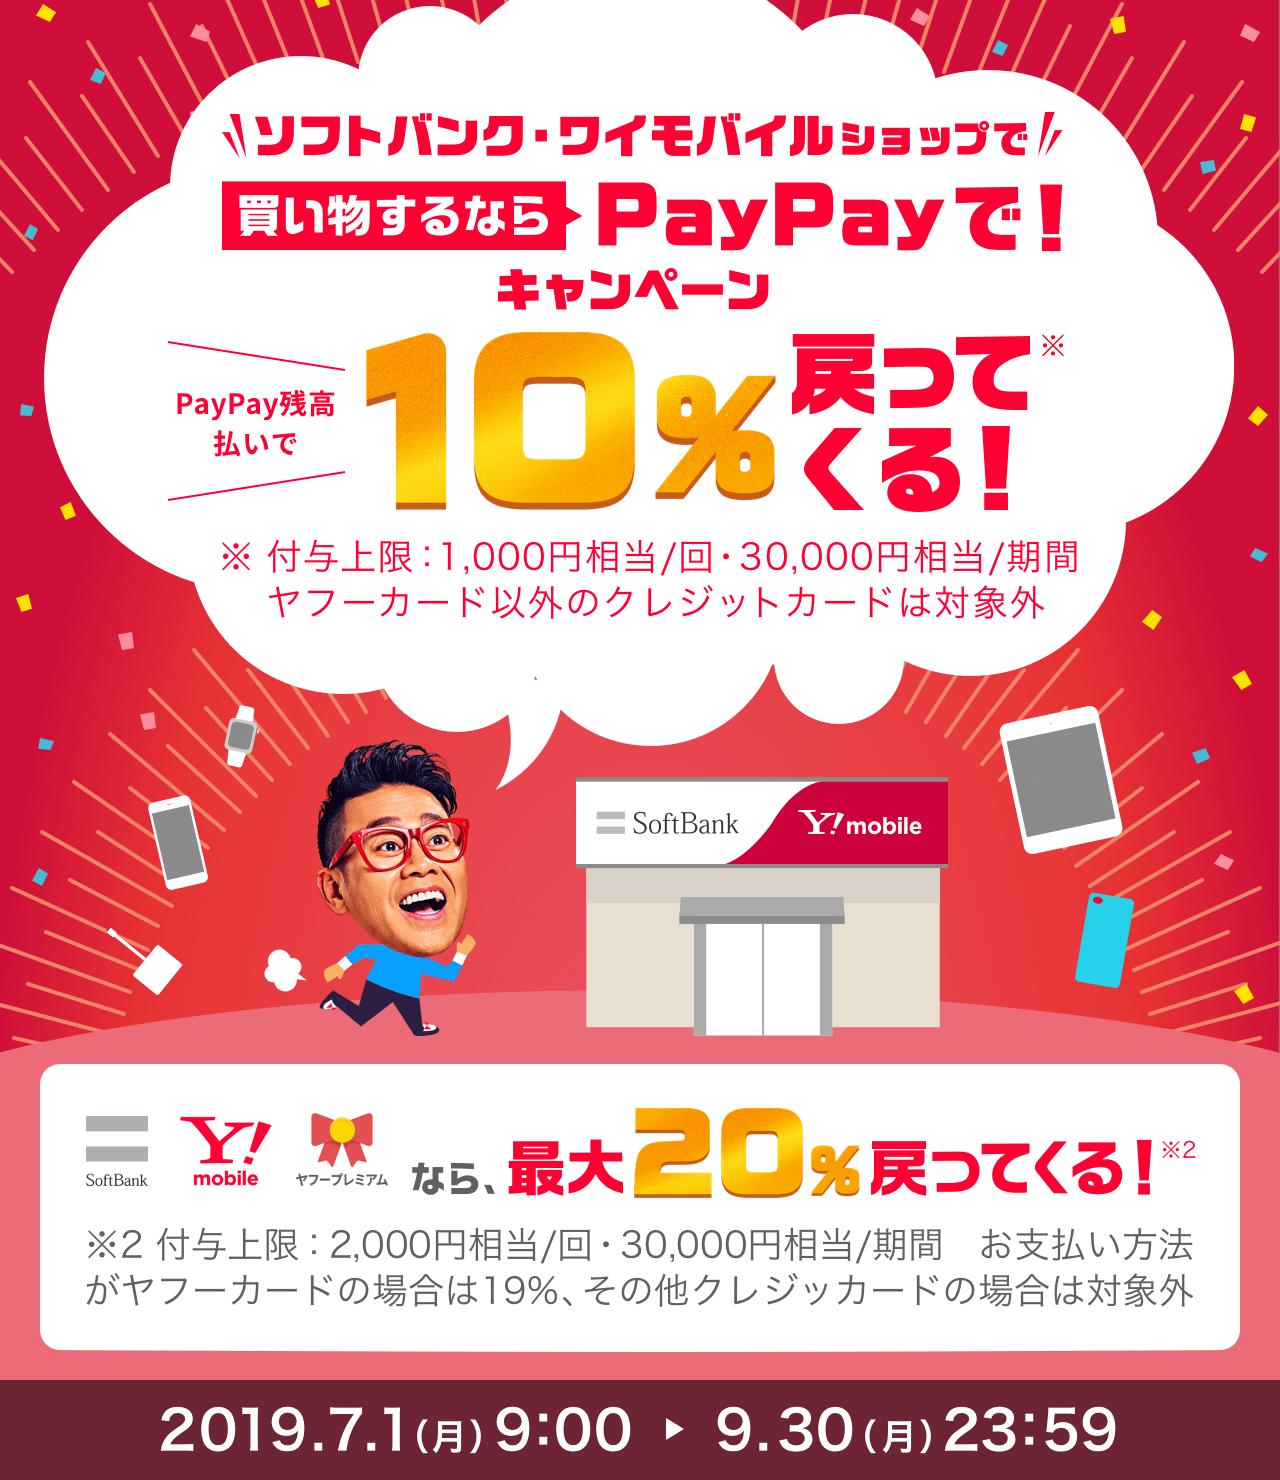 ソフトバンク・ワイモバイルのスマホユーザーのあなたは ソフトバンク・ワイモバイルショップで買い物するならPayPayで! キャンペーン PayPay残高払いで10%戻ってくる!